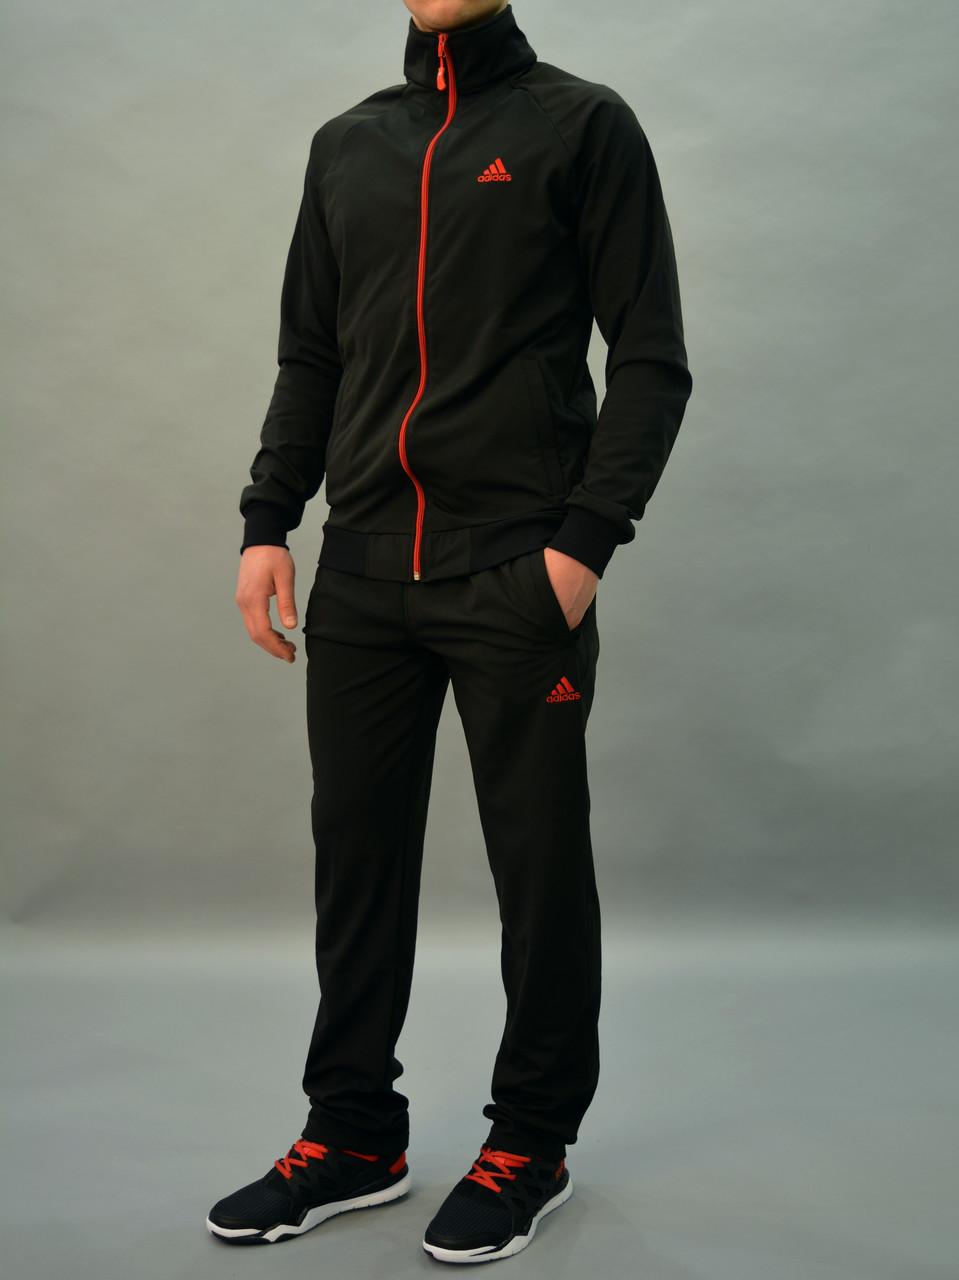 3334d7a3 Остались размеры: 46,48 Черный мужской спортивный костюм Adidas (Адидас) /  Трикотаж